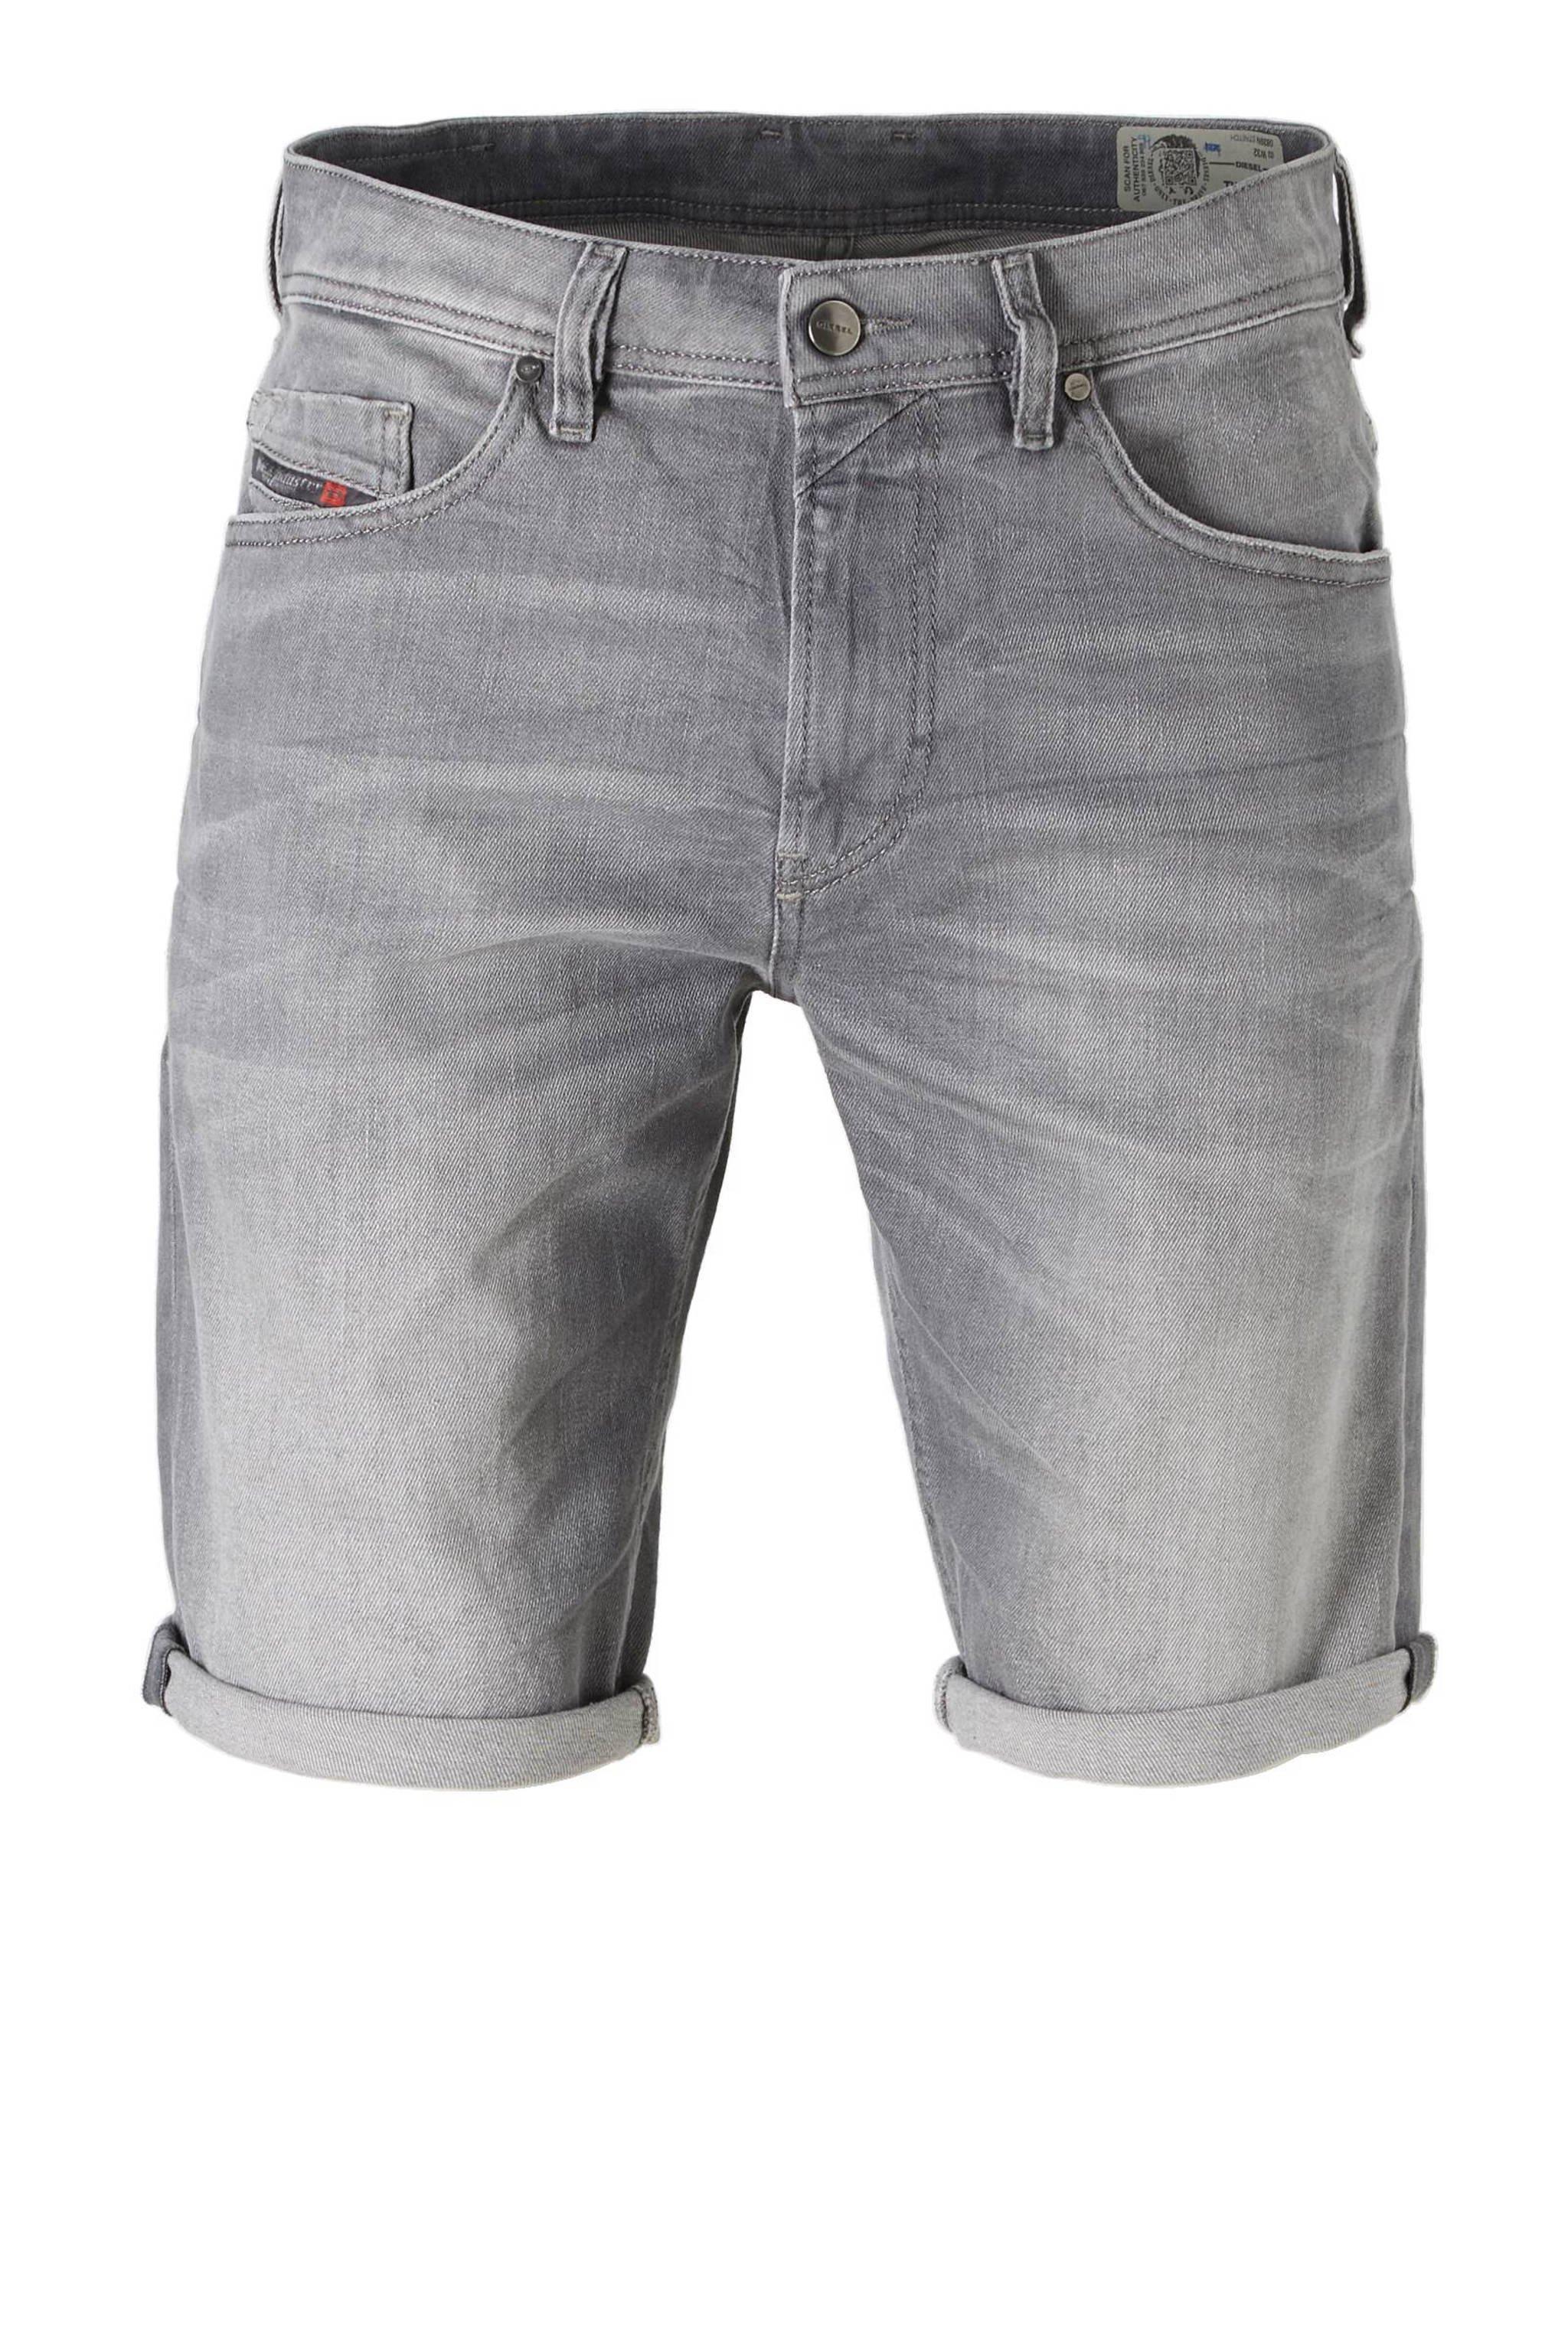 Korte Broek Heren Diesel.Diesel Slim Fit Jeans Short Tho Wehkamp